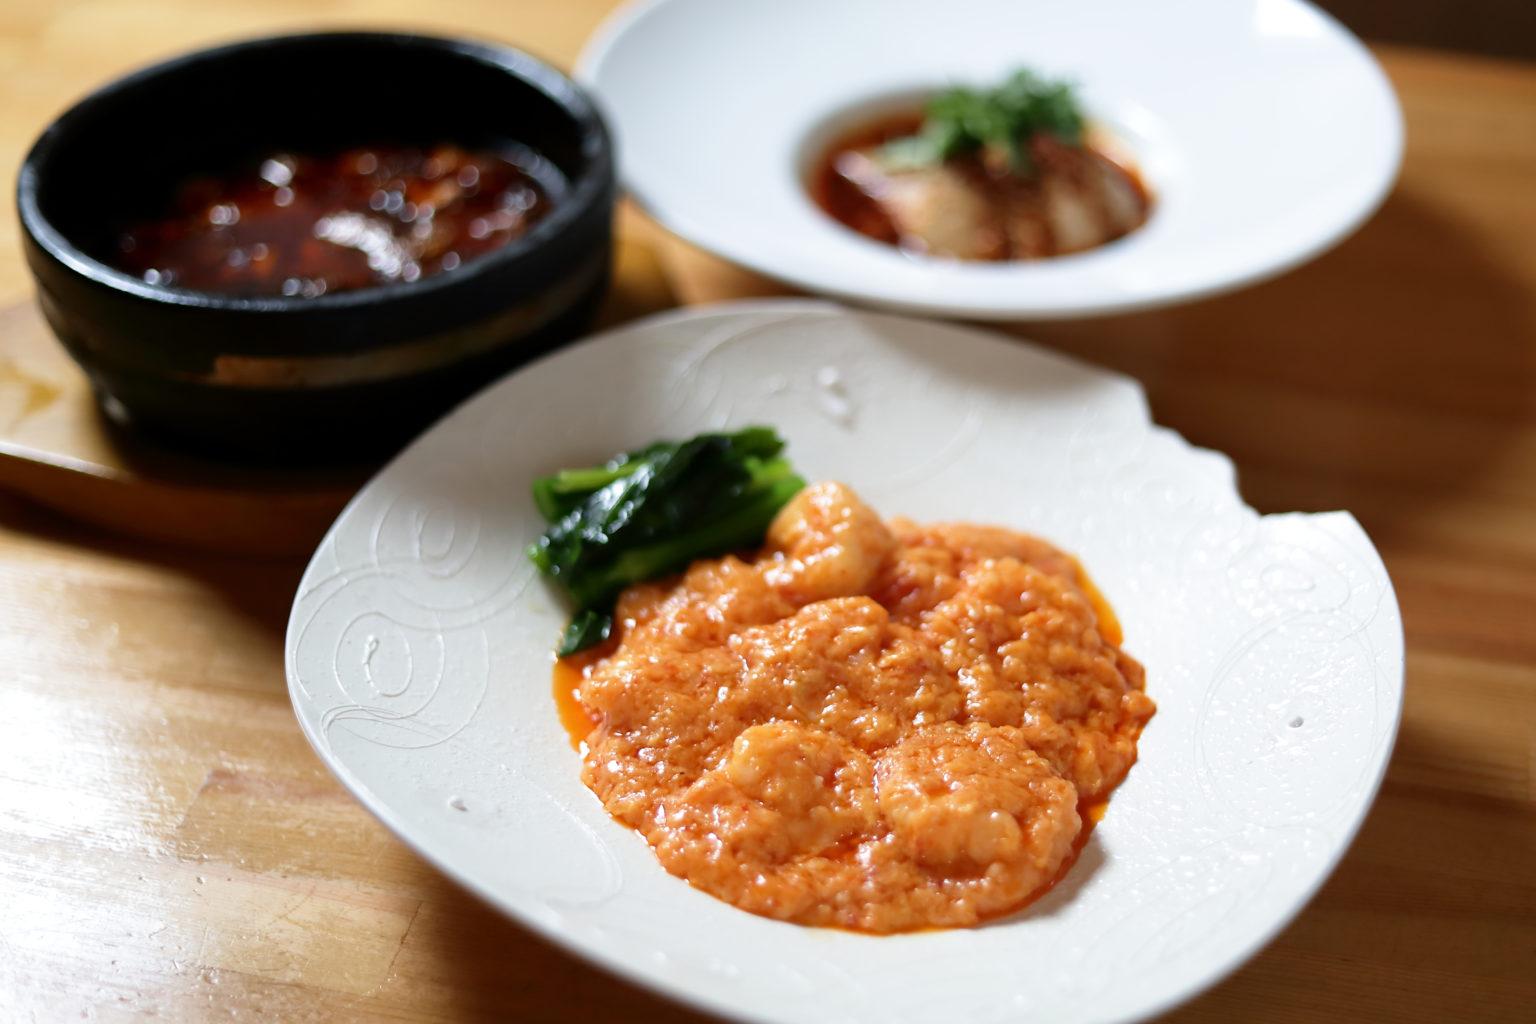 ①トマト尽くしの中国料理4品コース《1回コース》 イメージ